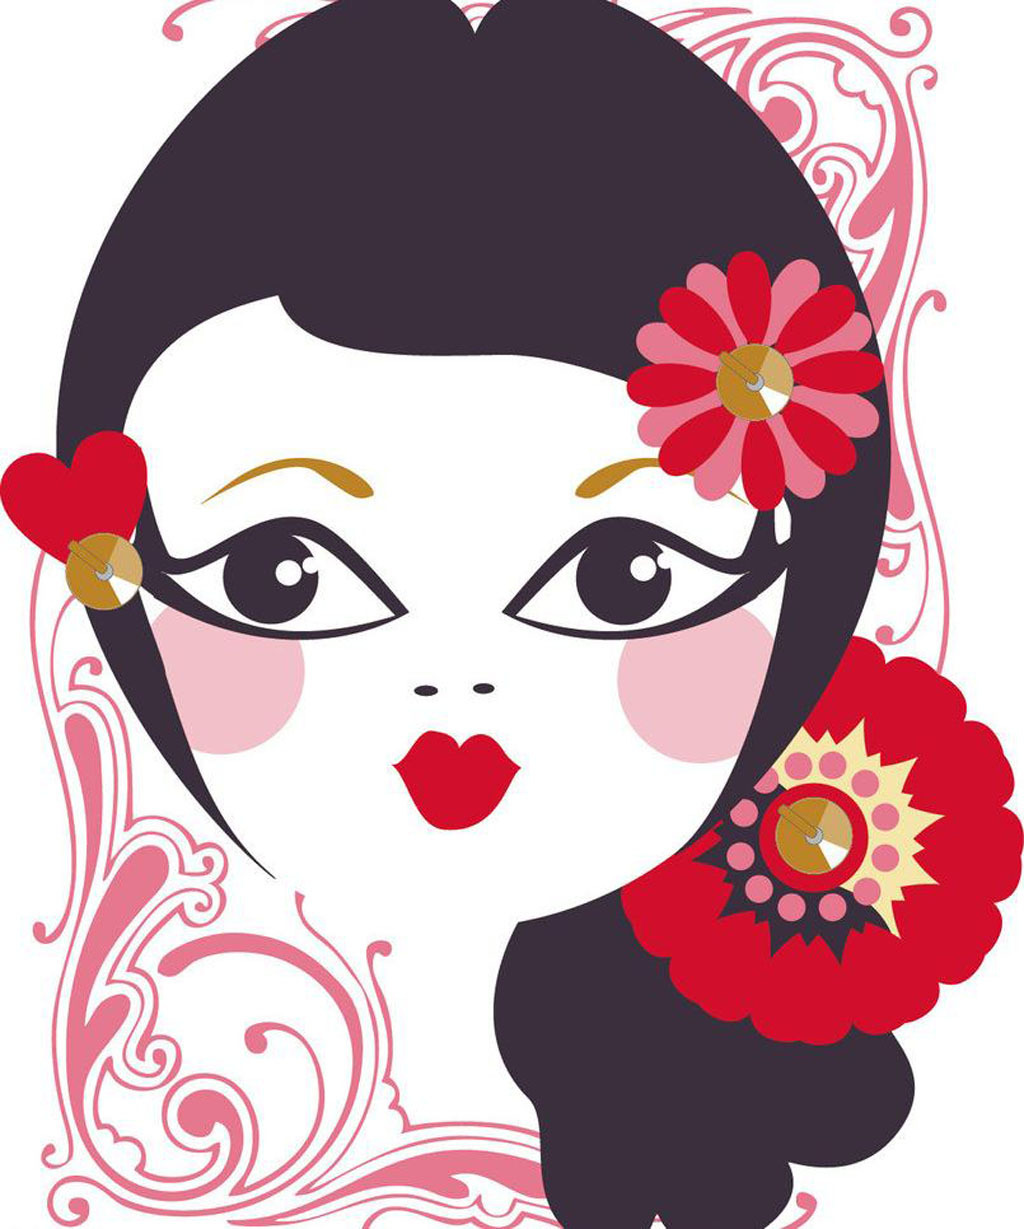 美女头像 女孩 大眼睛 红嘴唇 鲜花 可爱 图案 图形设计 儿童 卡通